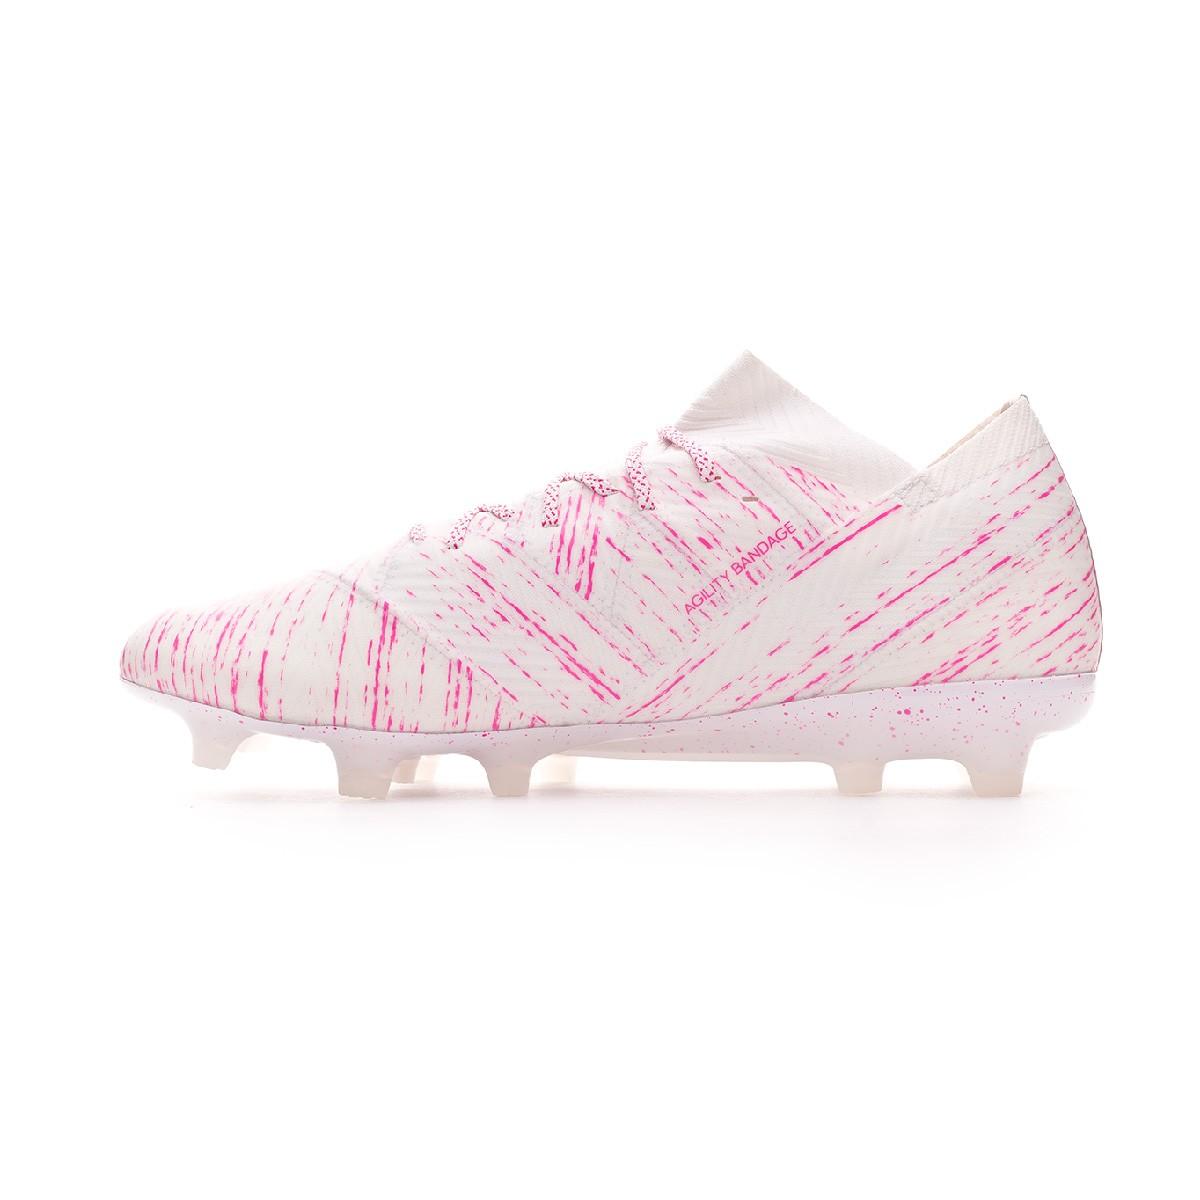 Football Boots adidas Nemeziz 18.1 FG